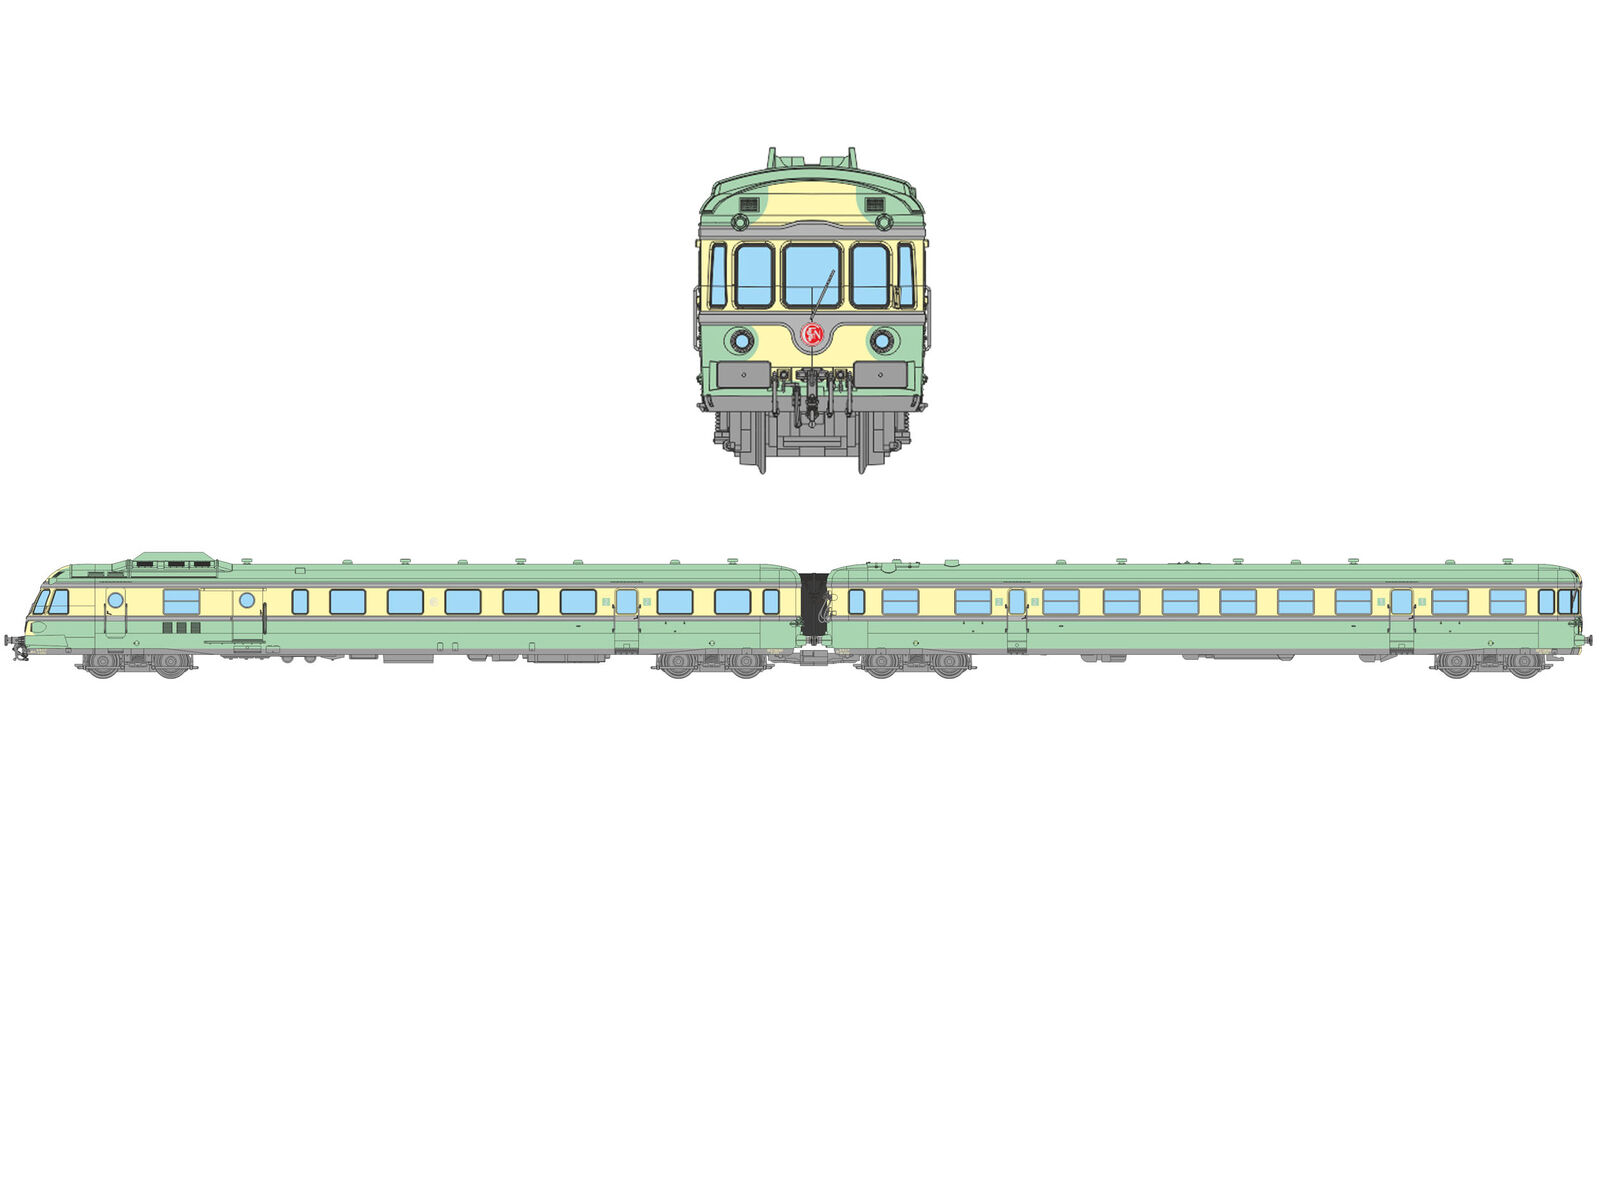 Ree NW-132 dieseltriebw. RPG 1 X-2722 + Car XR-7722 Metz-Sablons SNCF Ep. III